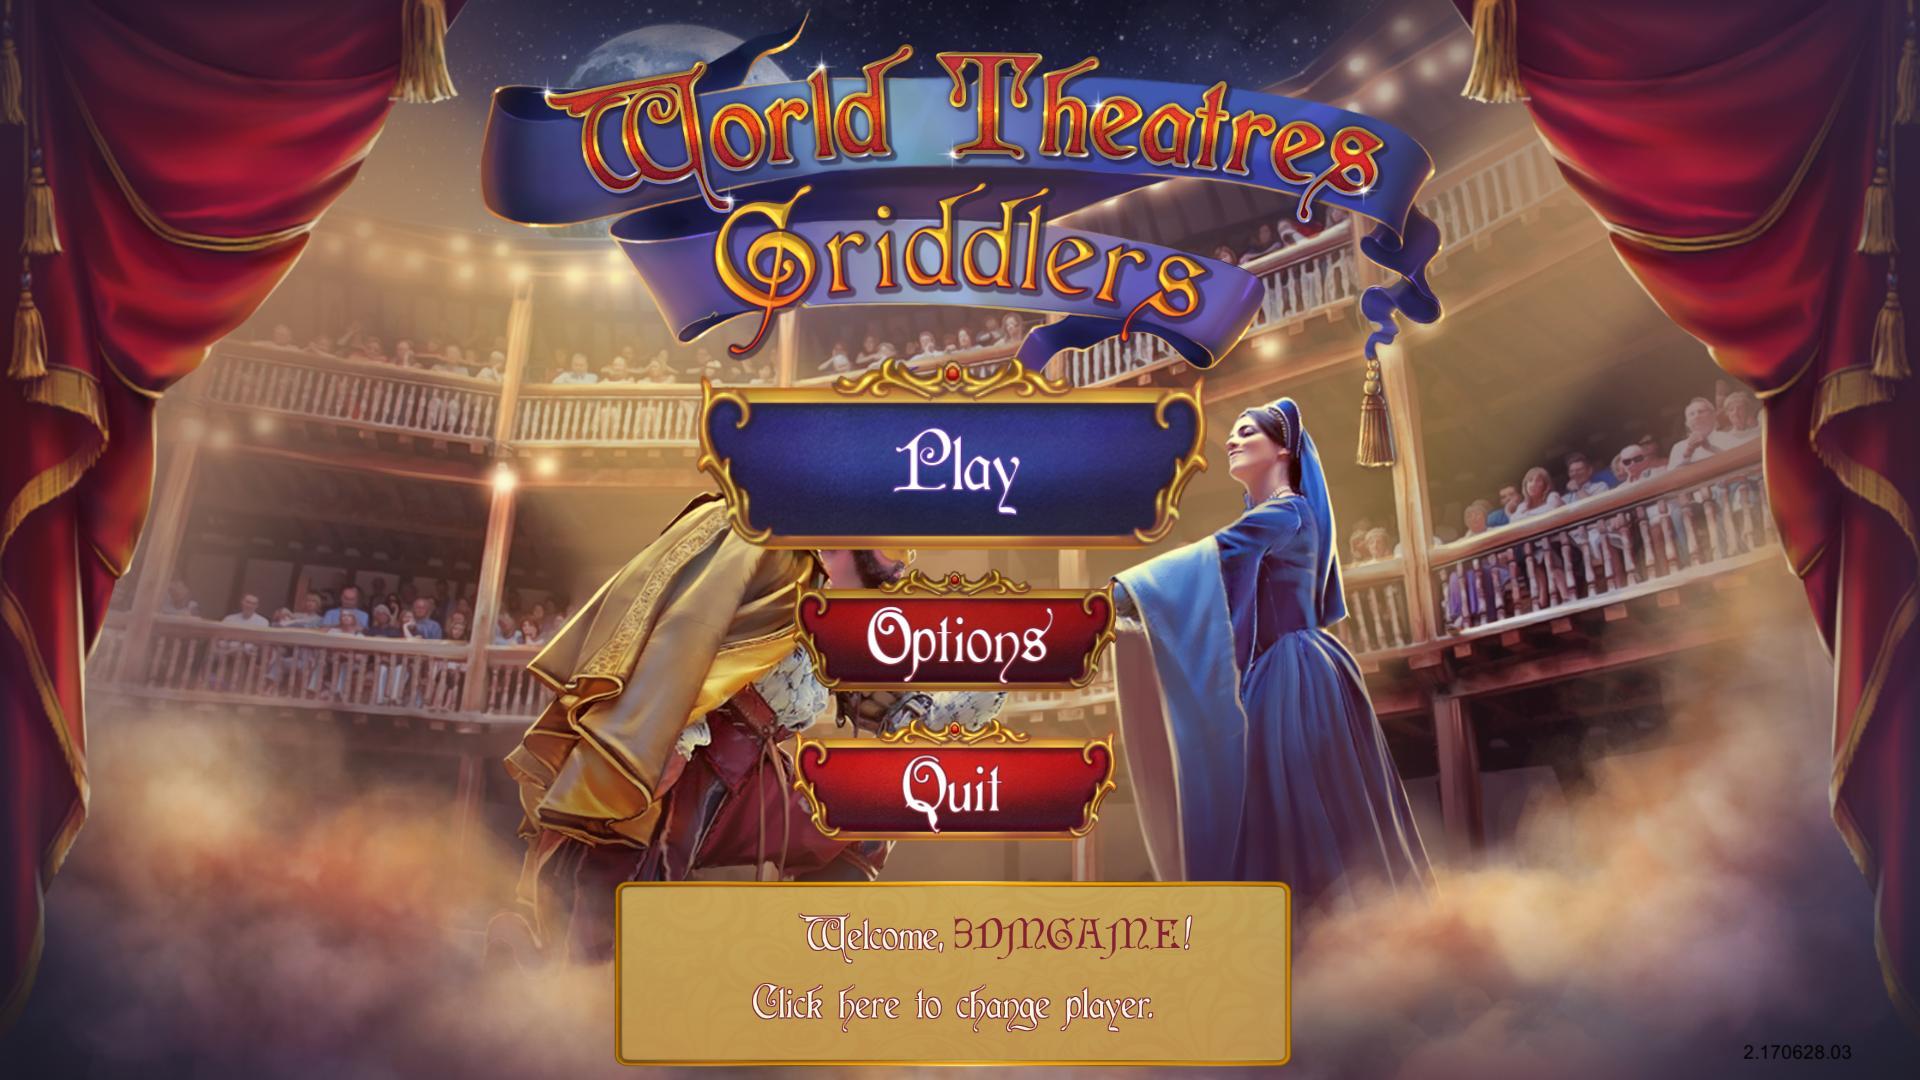 世界剧院数图 游戏截图